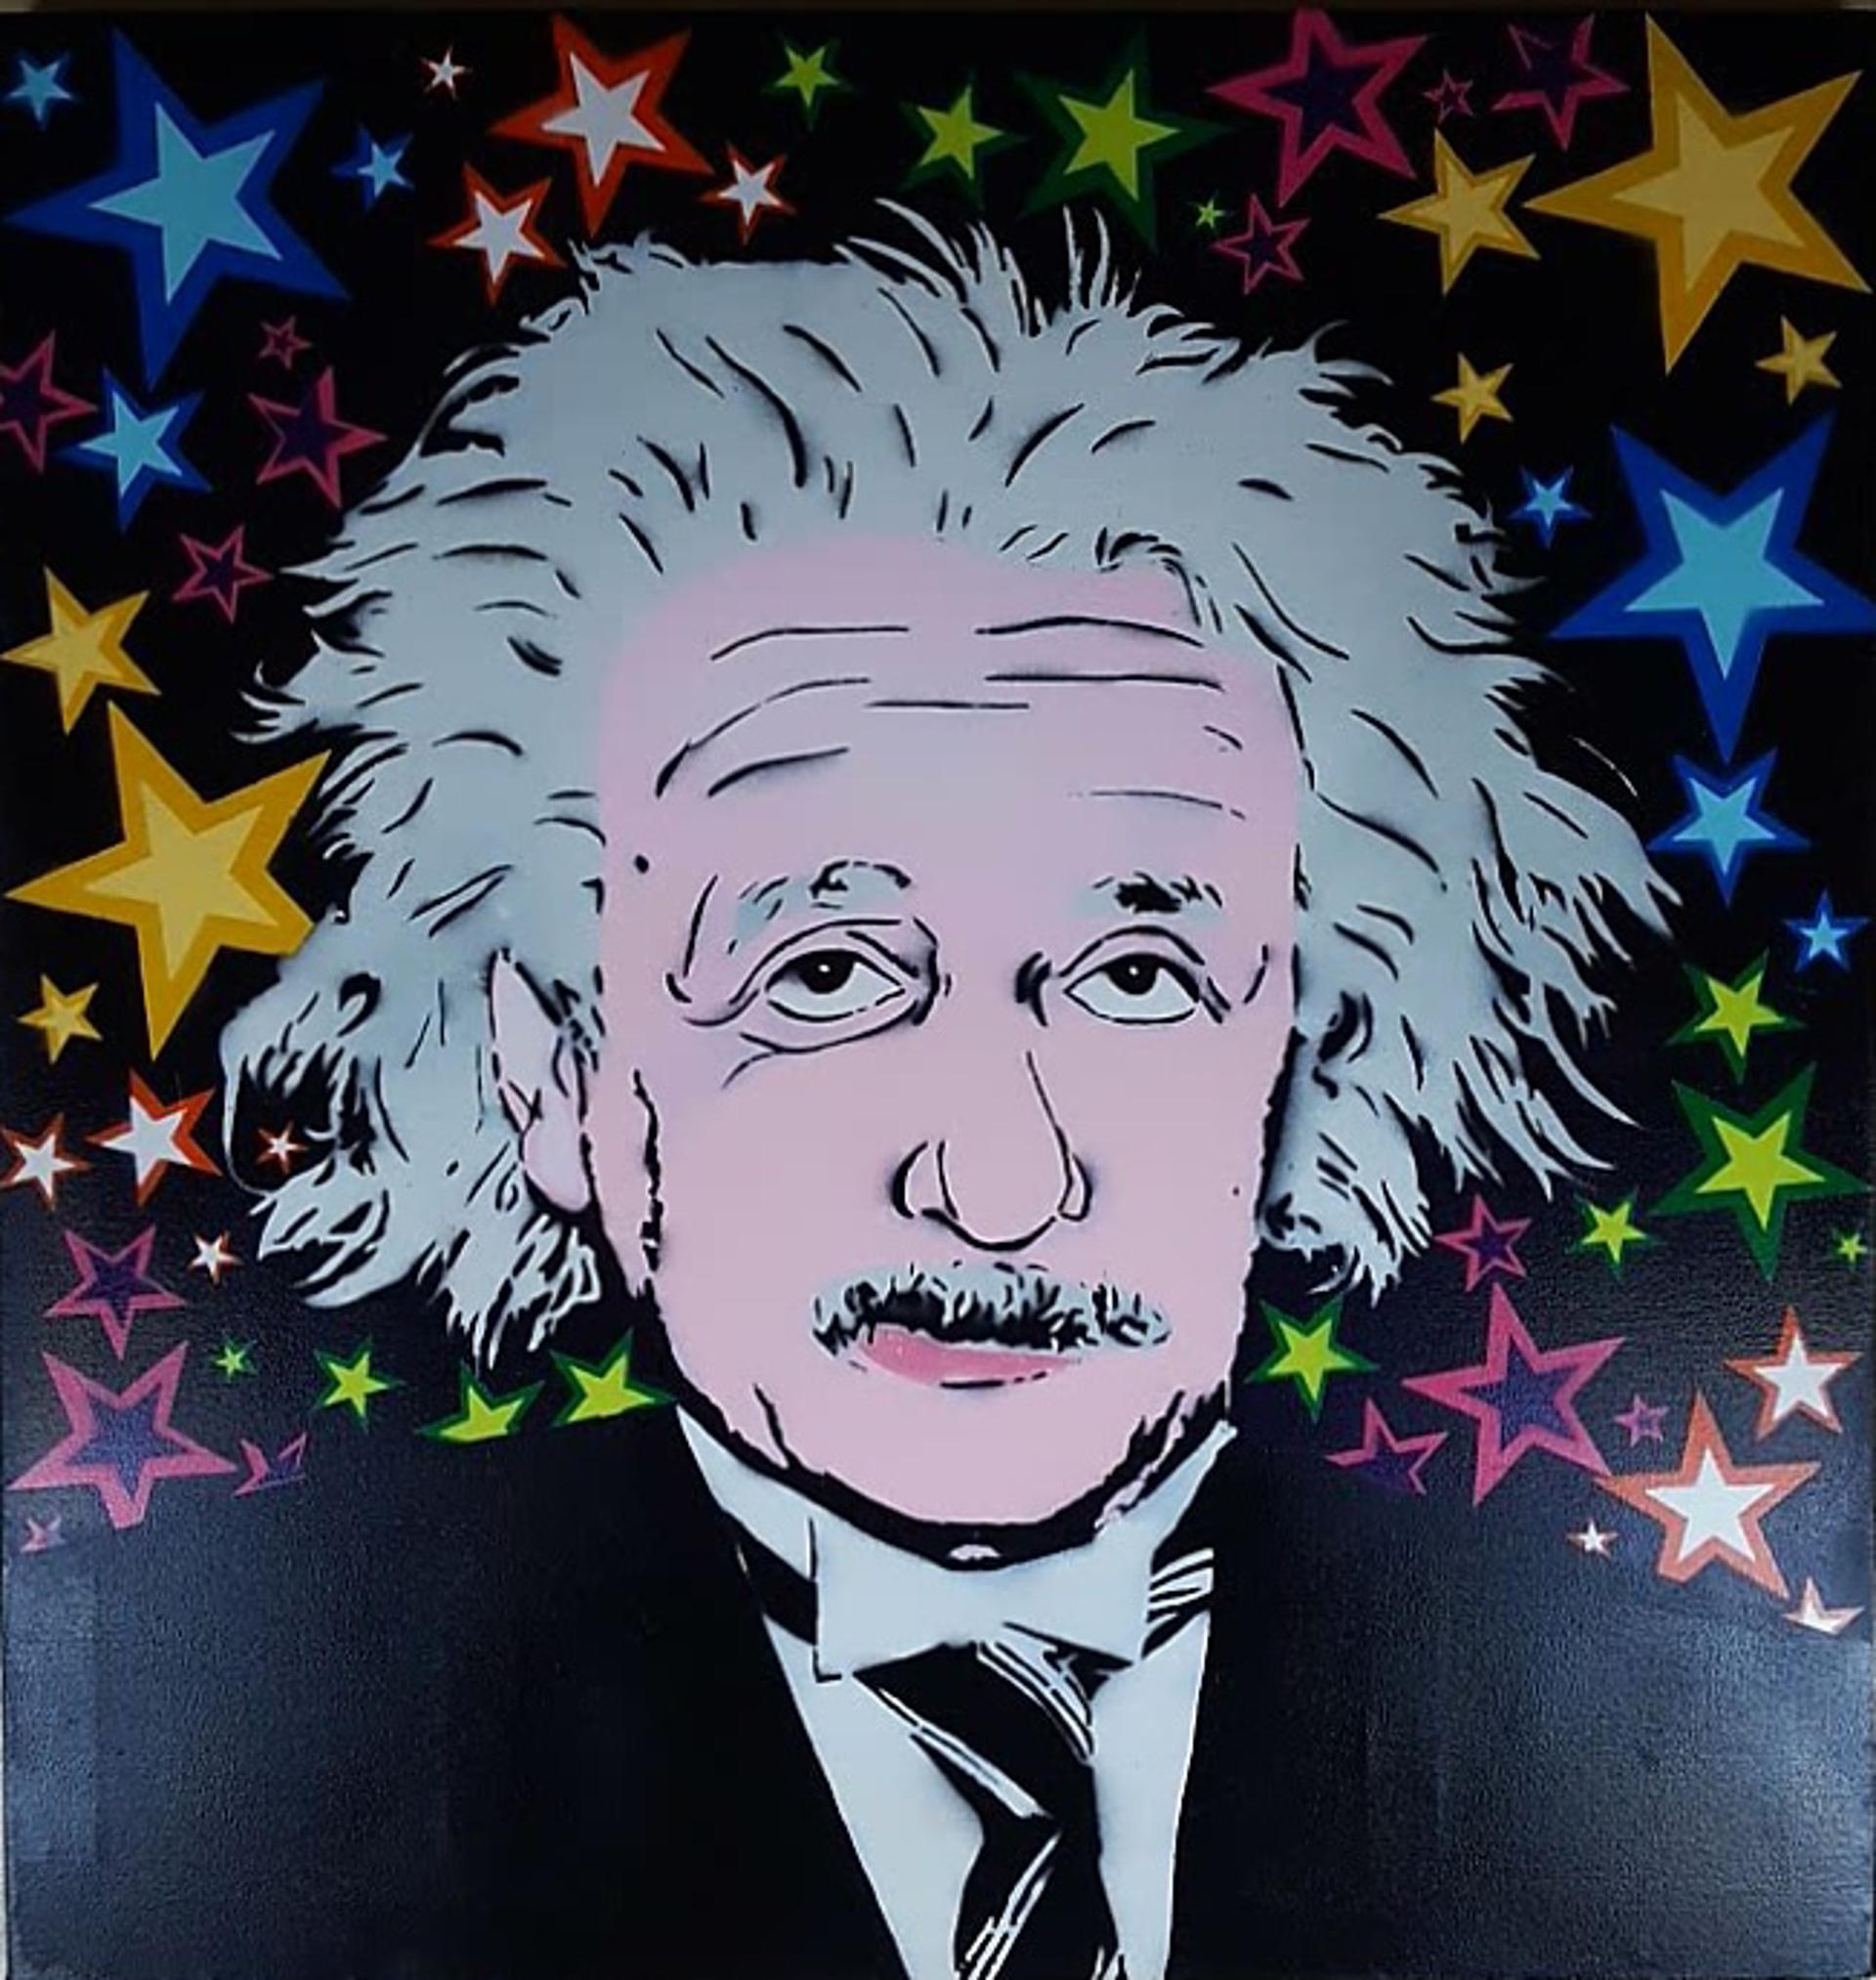 Stardust Einstein by Joss Parker